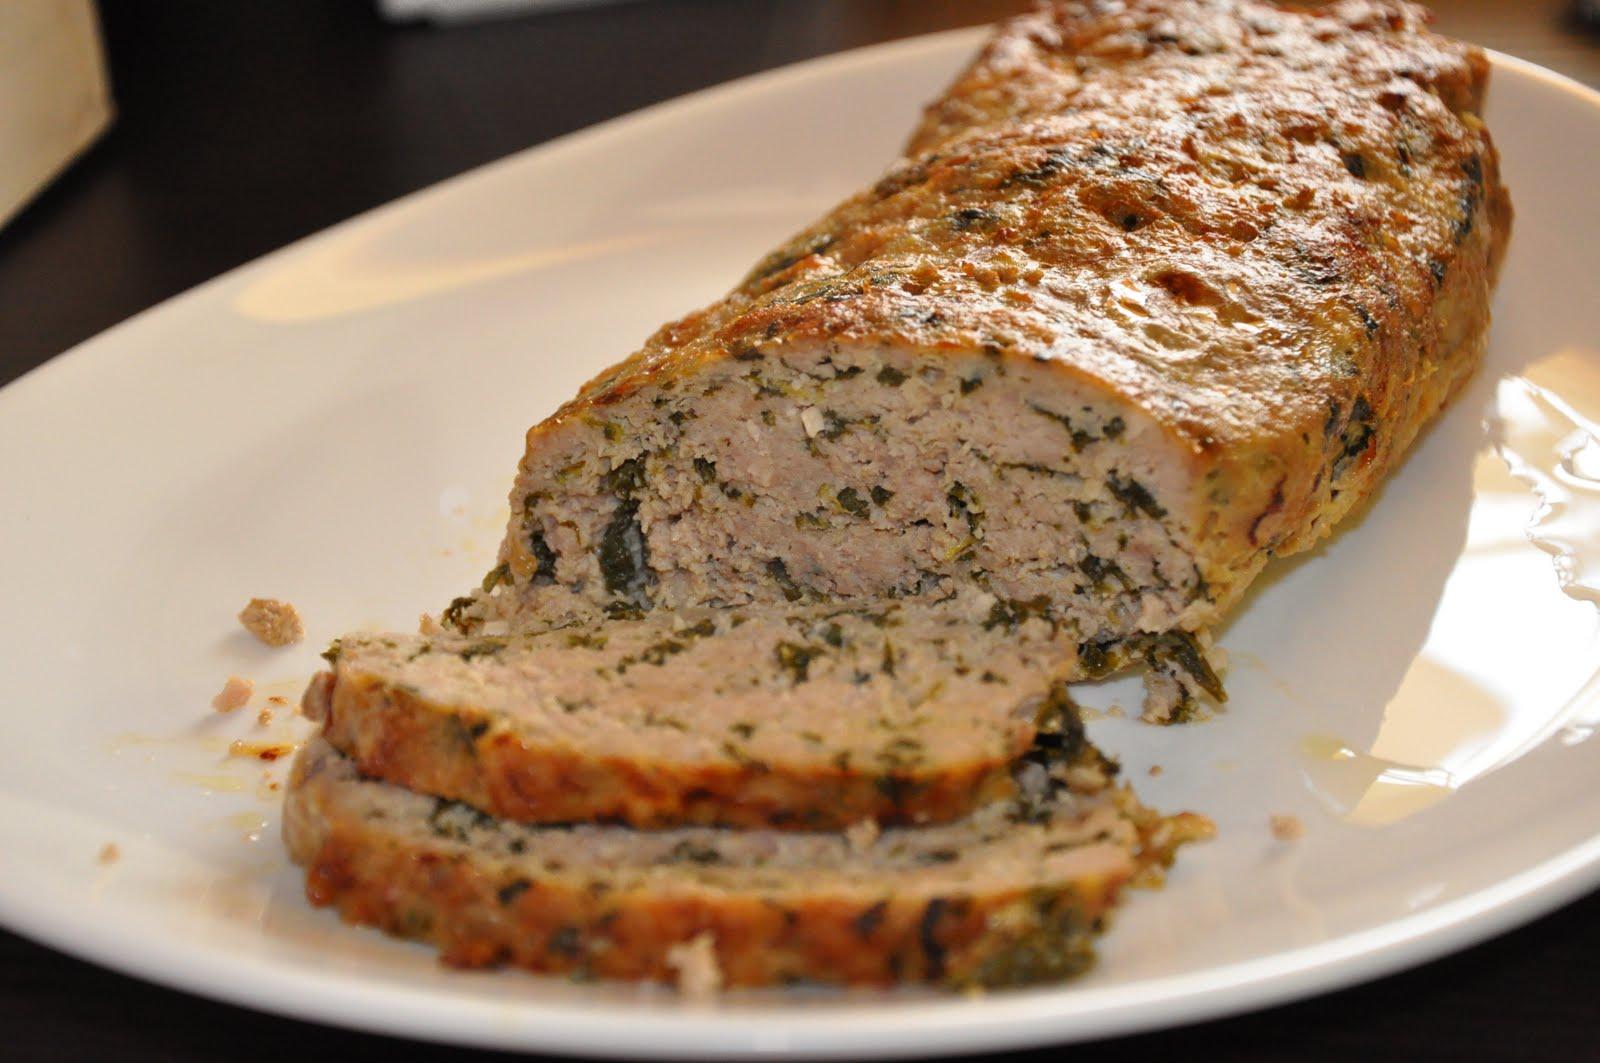 1063 Jpeg 165kB Ricetta Polpettone Di Vitello E Ricotta Le Ricette  #B0510D 1600 1063 Polpettone Classico Cucina